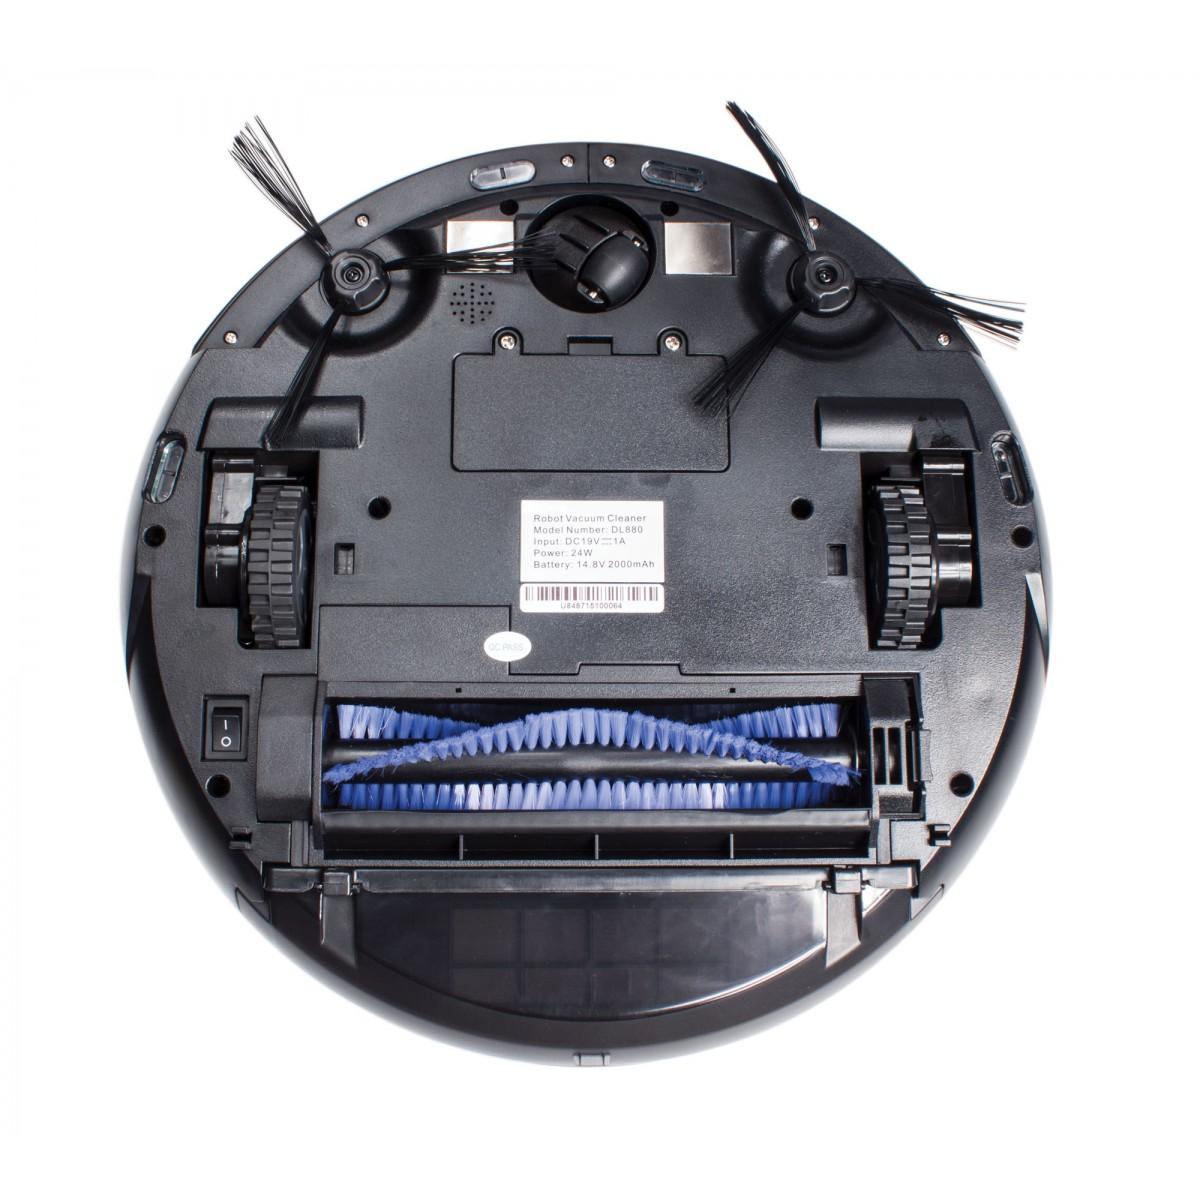 aspirateur robot donkey dl880. Black Bedroom Furniture Sets. Home Design Ideas